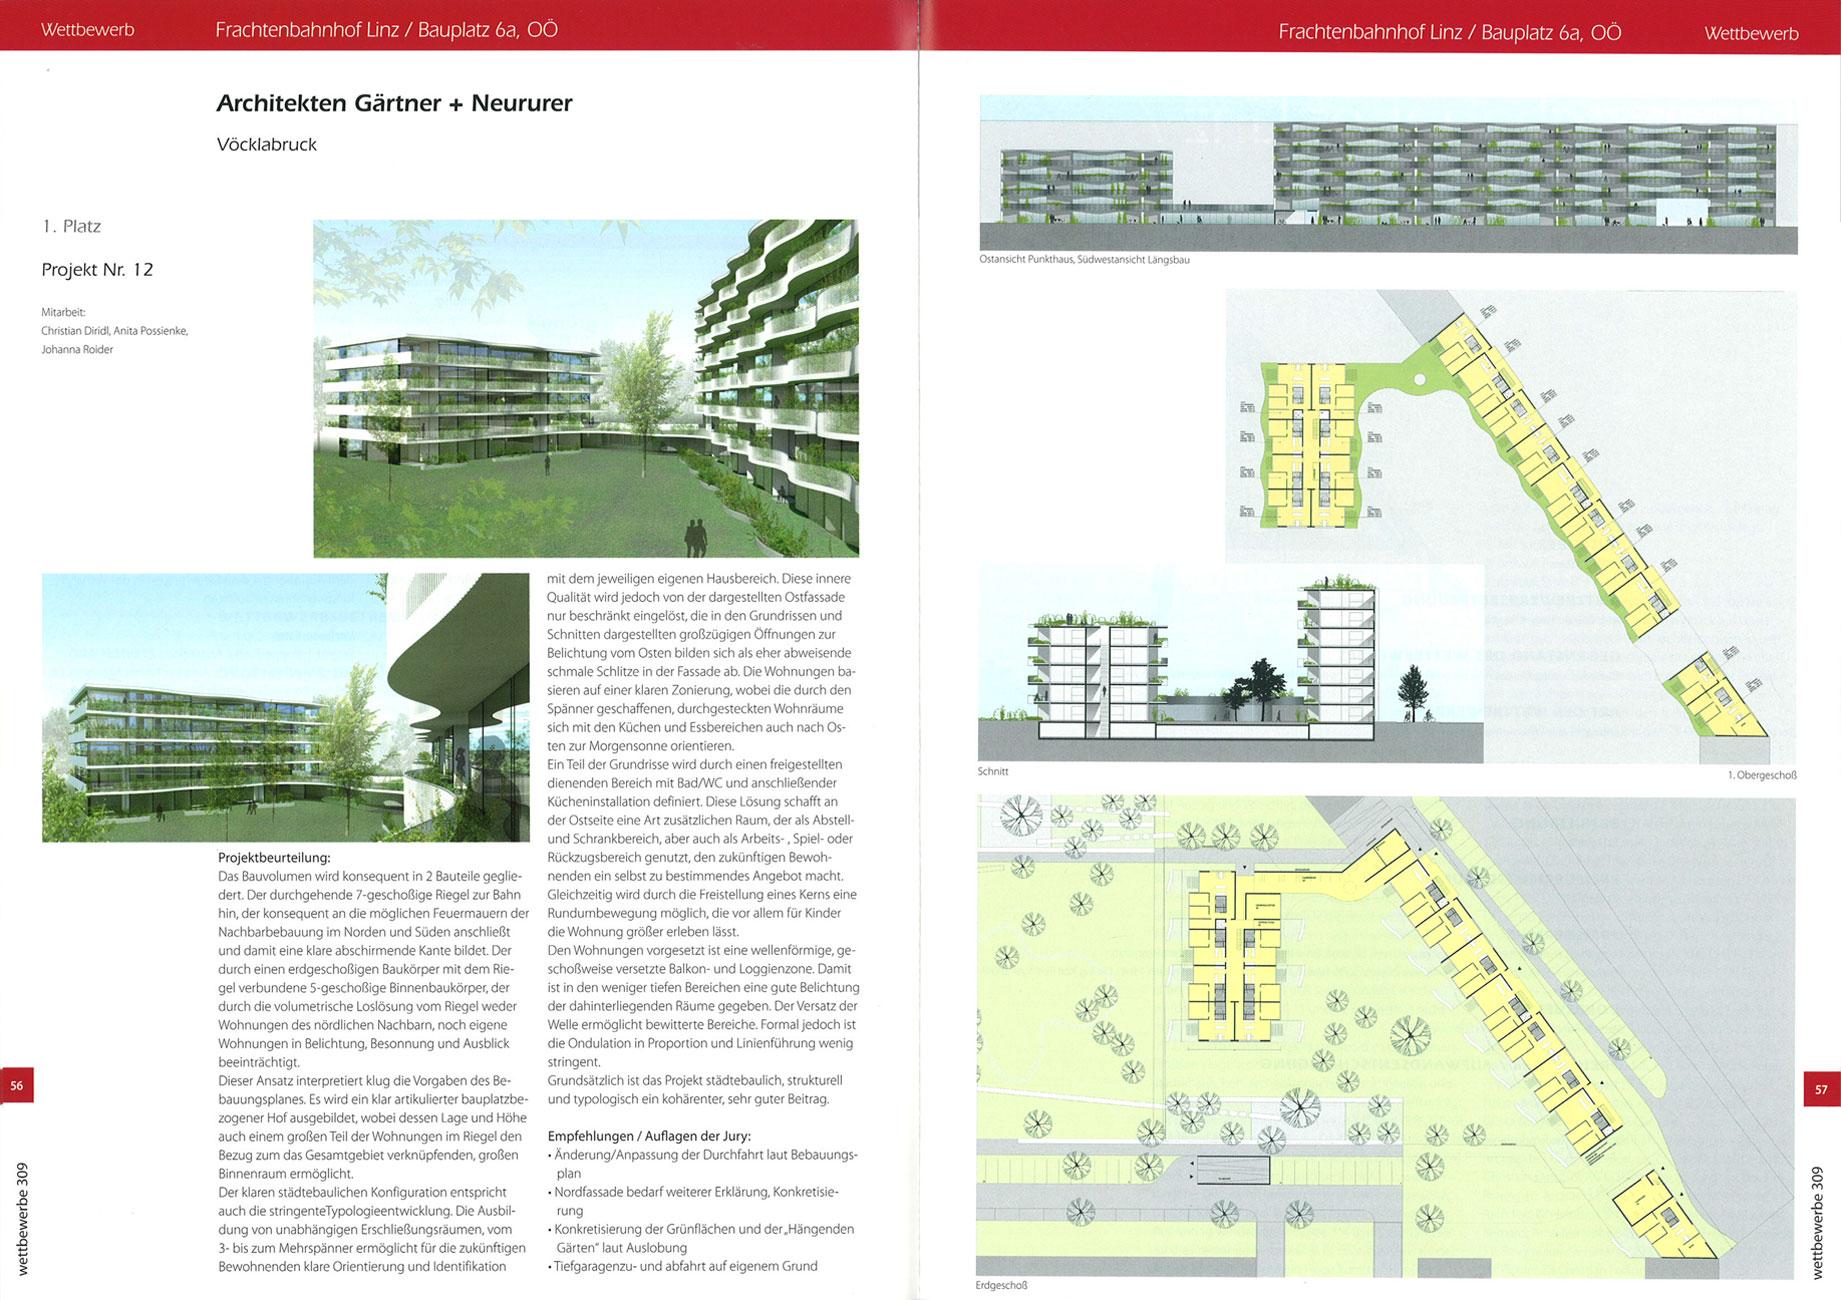 1400_architekturjournal-wettbewerbe-2013-gruene-mitte-2.jpg